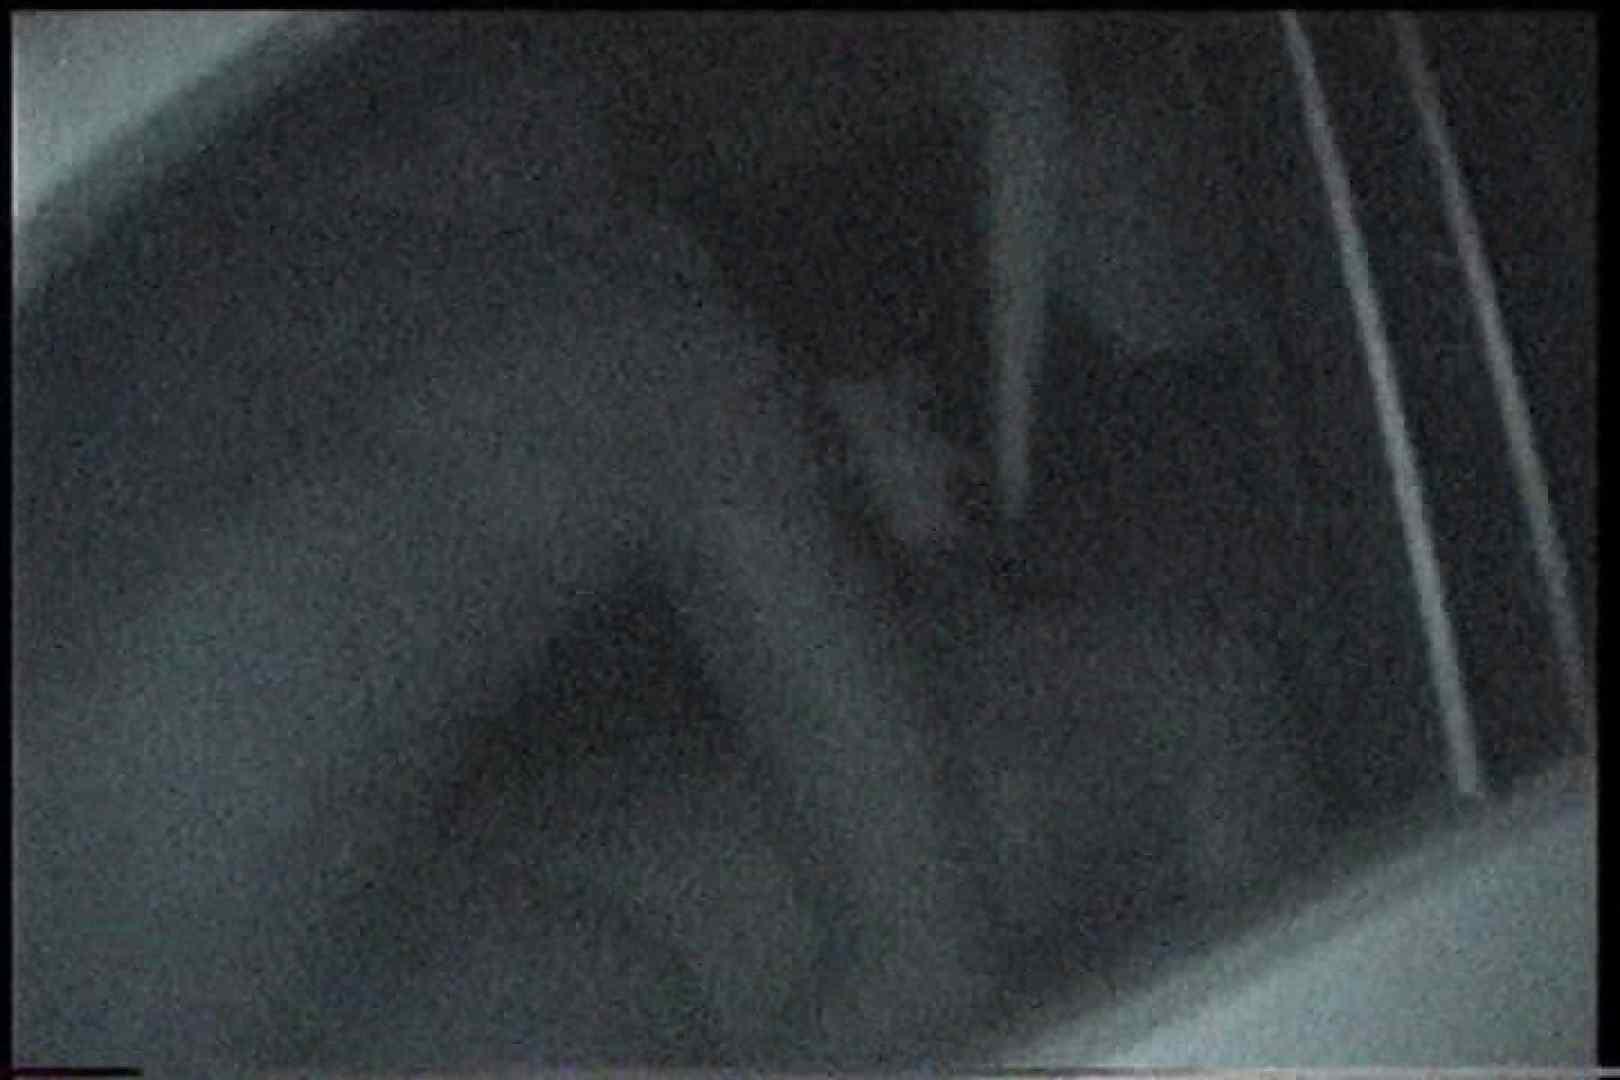 充血監督の深夜の運動会Vol.186 後編 OLの実態  59pic 22